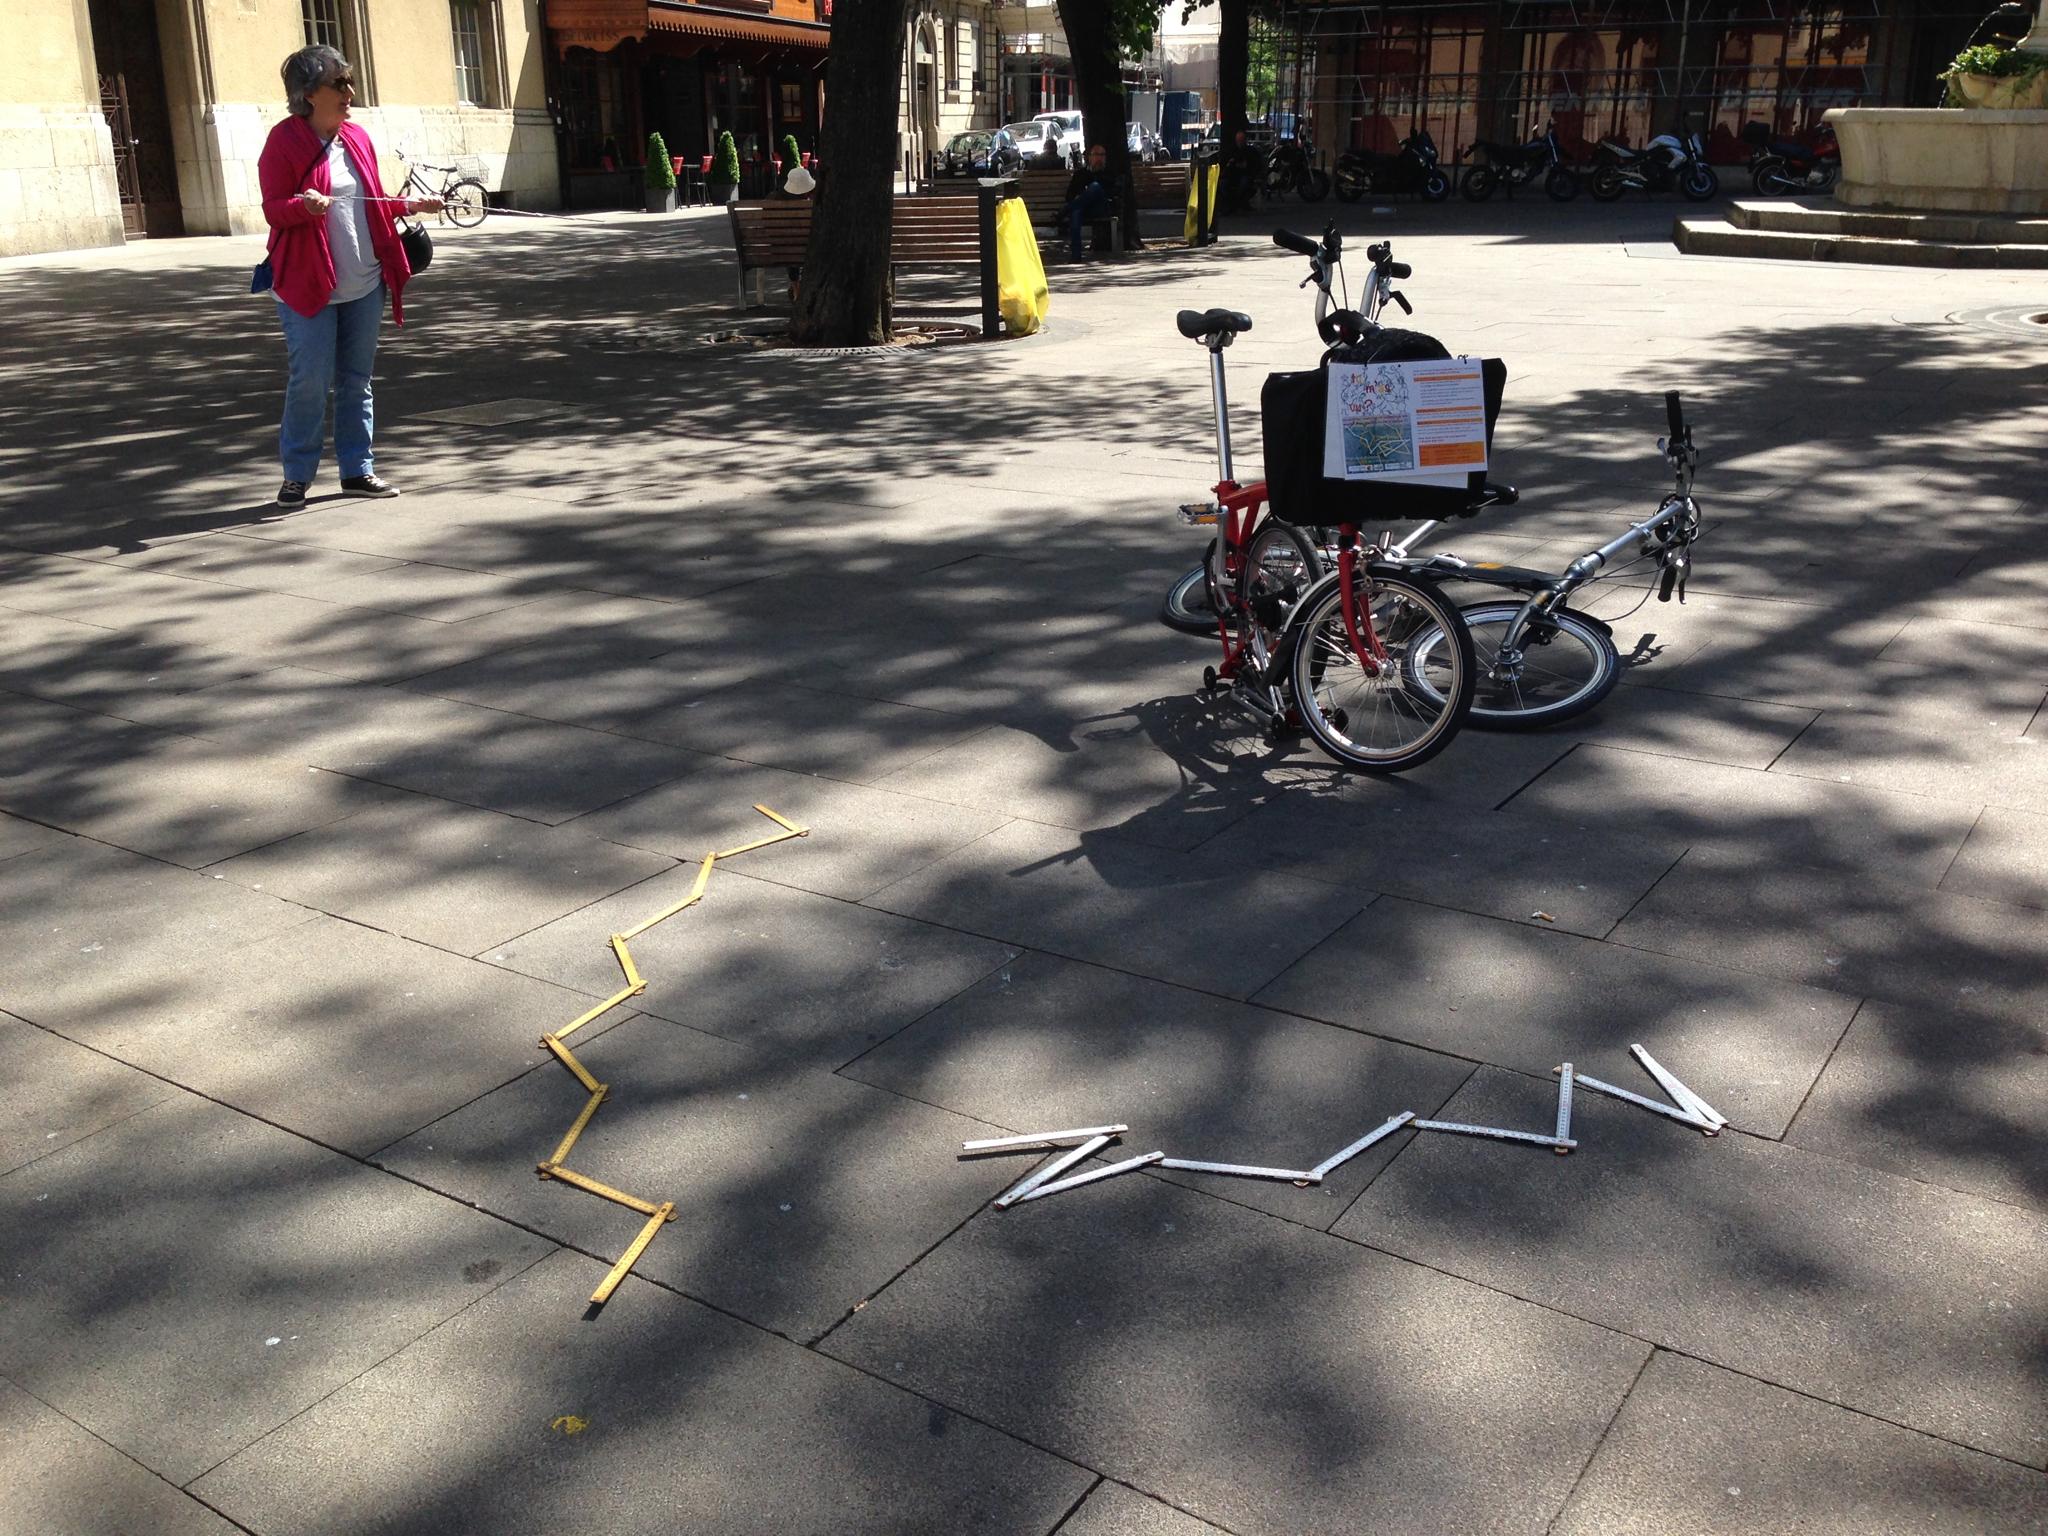 Repérage défi coopératif  «Tu m'as vu?» à vélo Catherine Froidevaux à l'initiative du projetpilote      Carole-lyne Klay